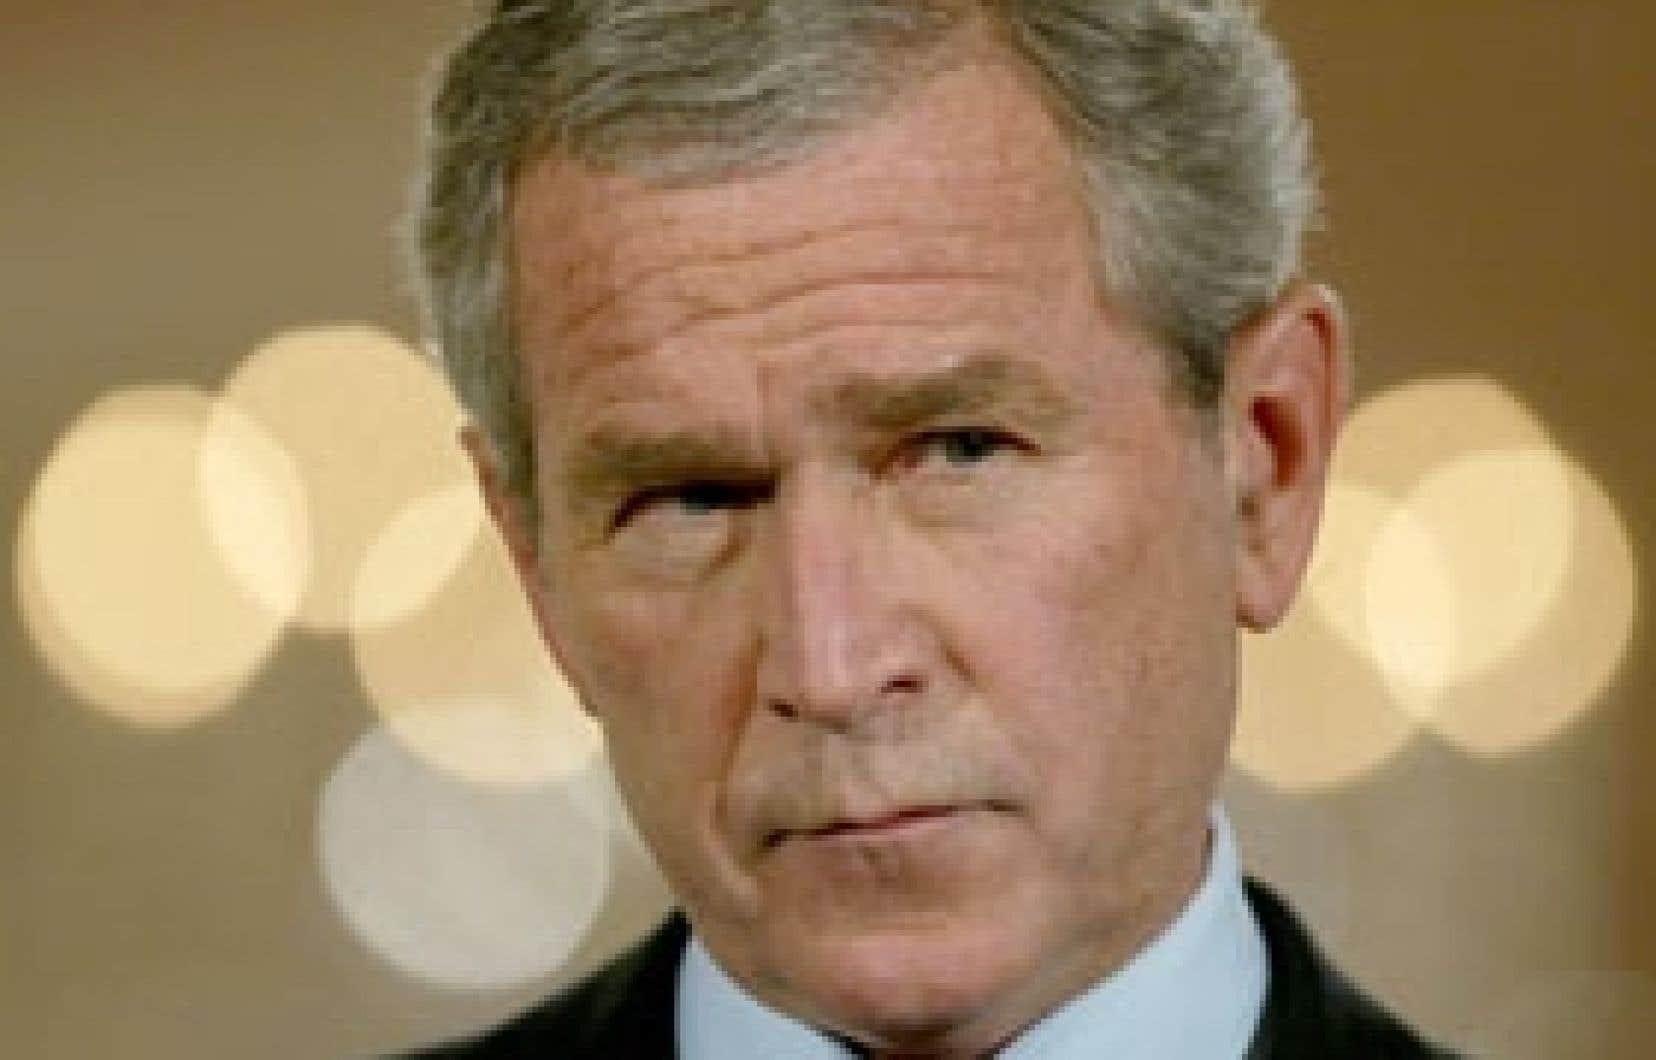 La défaite de George W. Bush ne signifie pas un changement radical des politiques influencées par la droite.